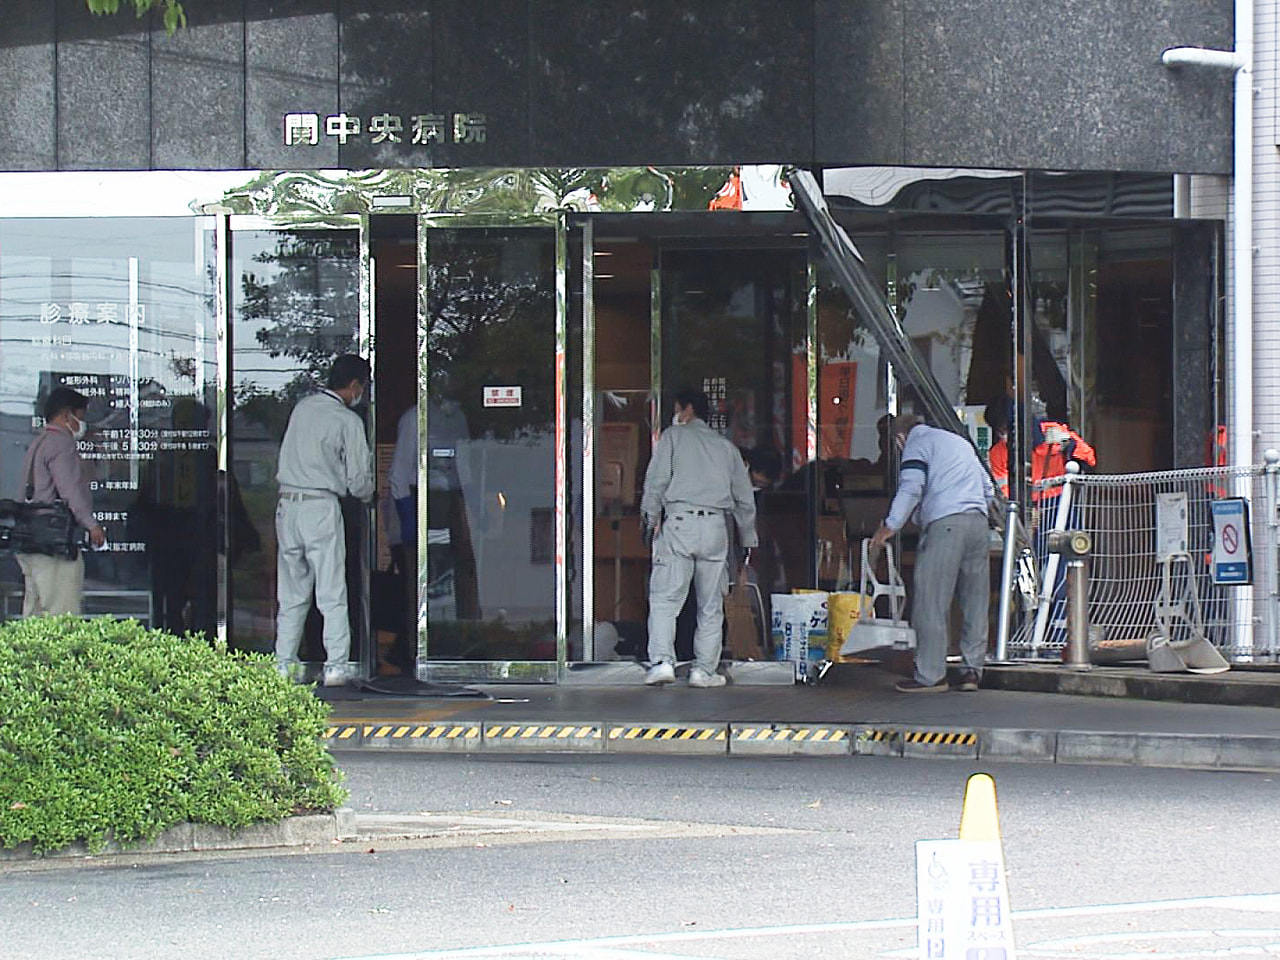 30日午前、岐阜県関市にある関中央病院に82歳の男性が運転する乗用車が突っ込みま...